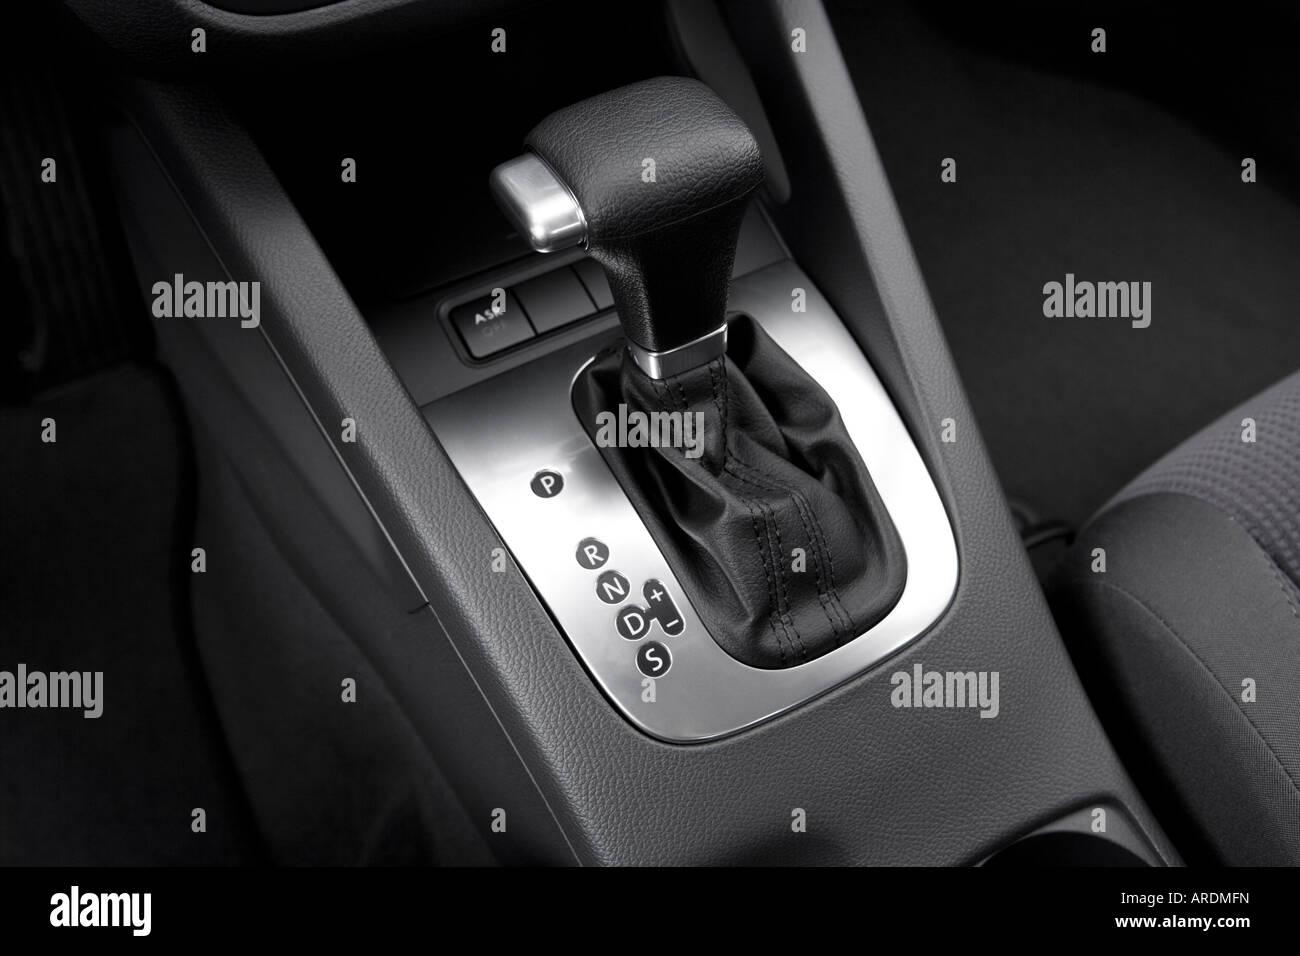 All Types 2006 jetta : 2006 Volkswagen Jetta Value Edition in Blue - Gear shifter/center ...